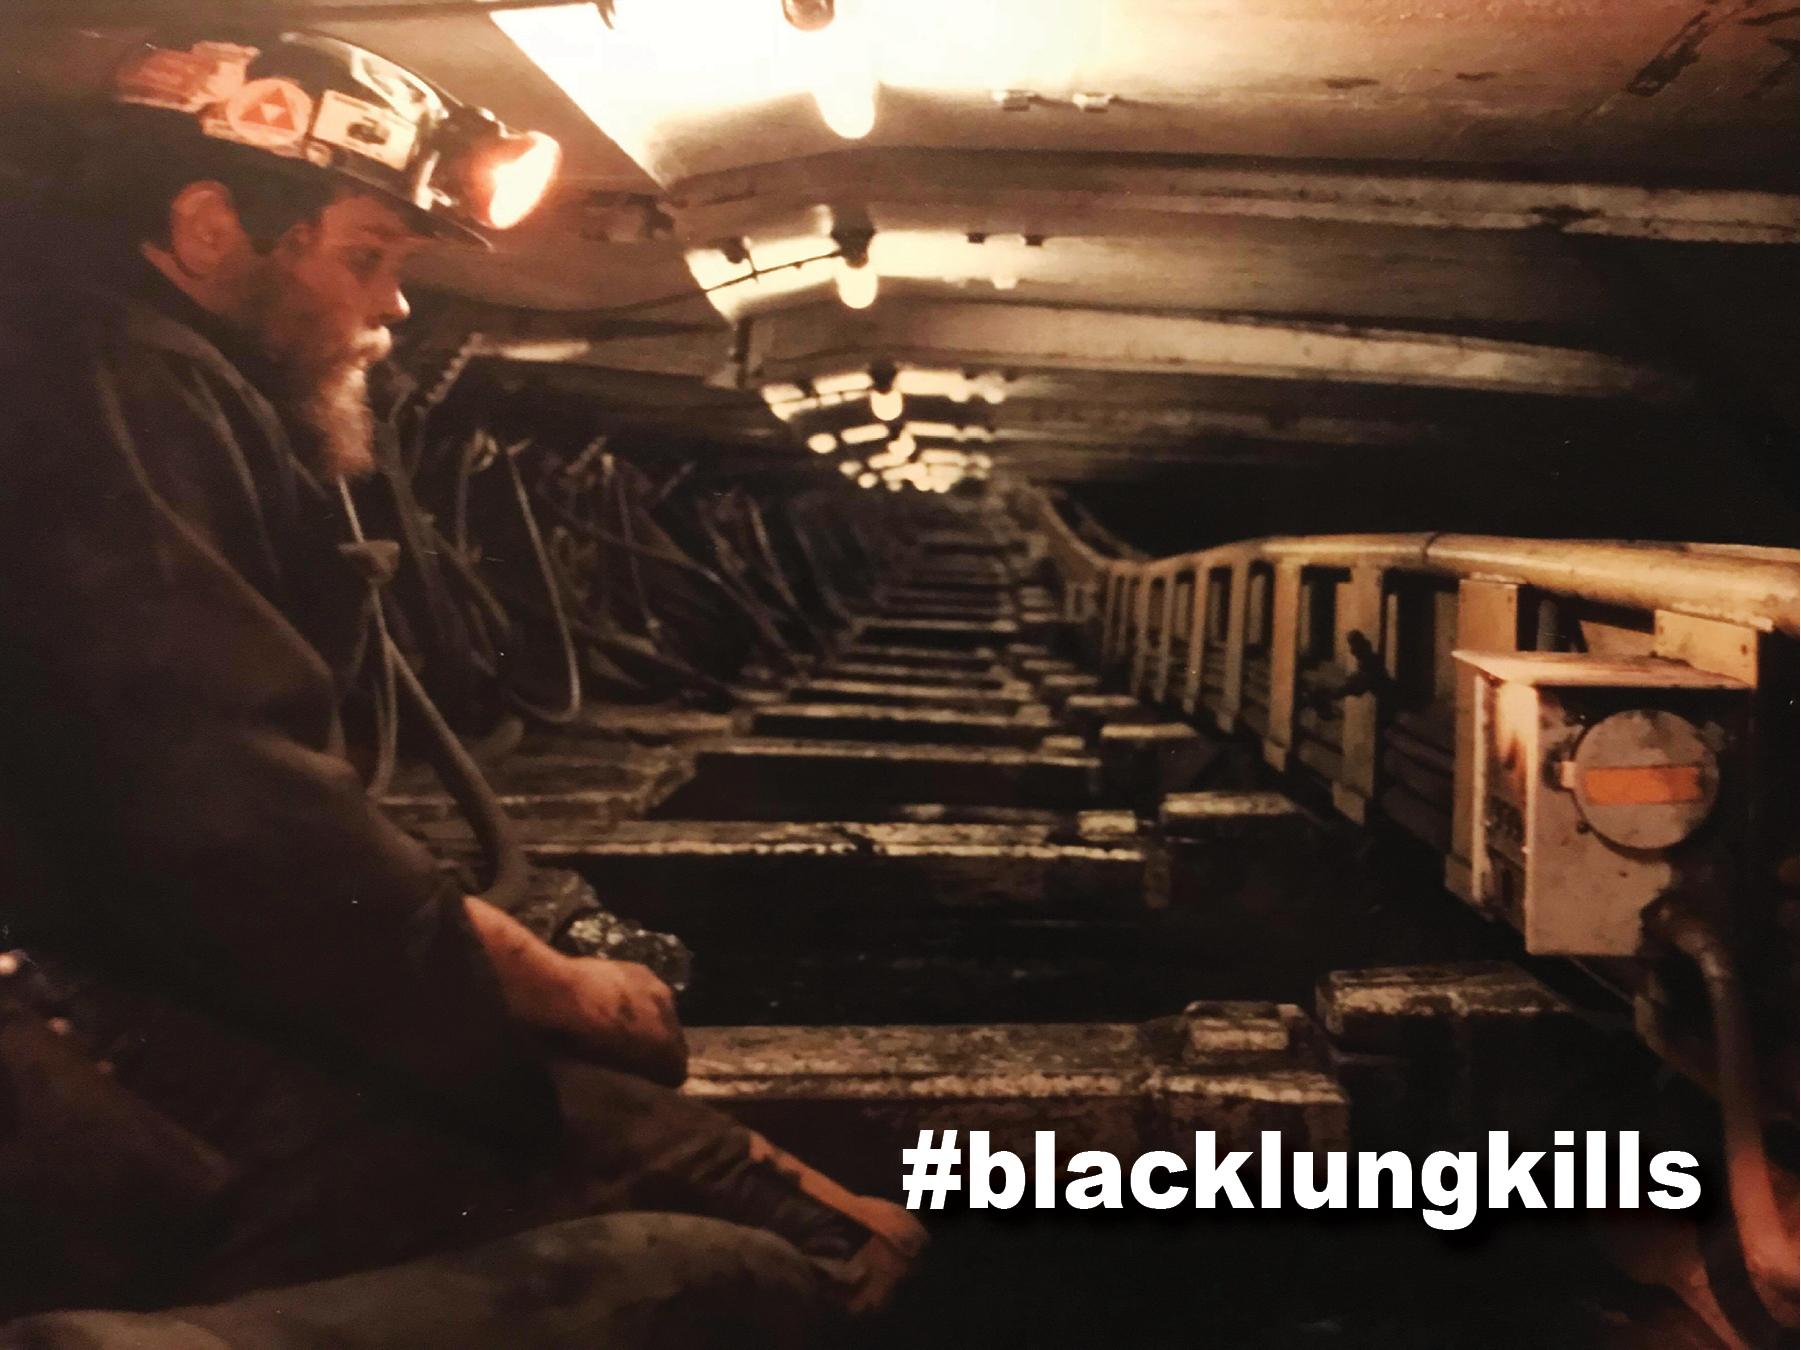 Blacklungkills_miner